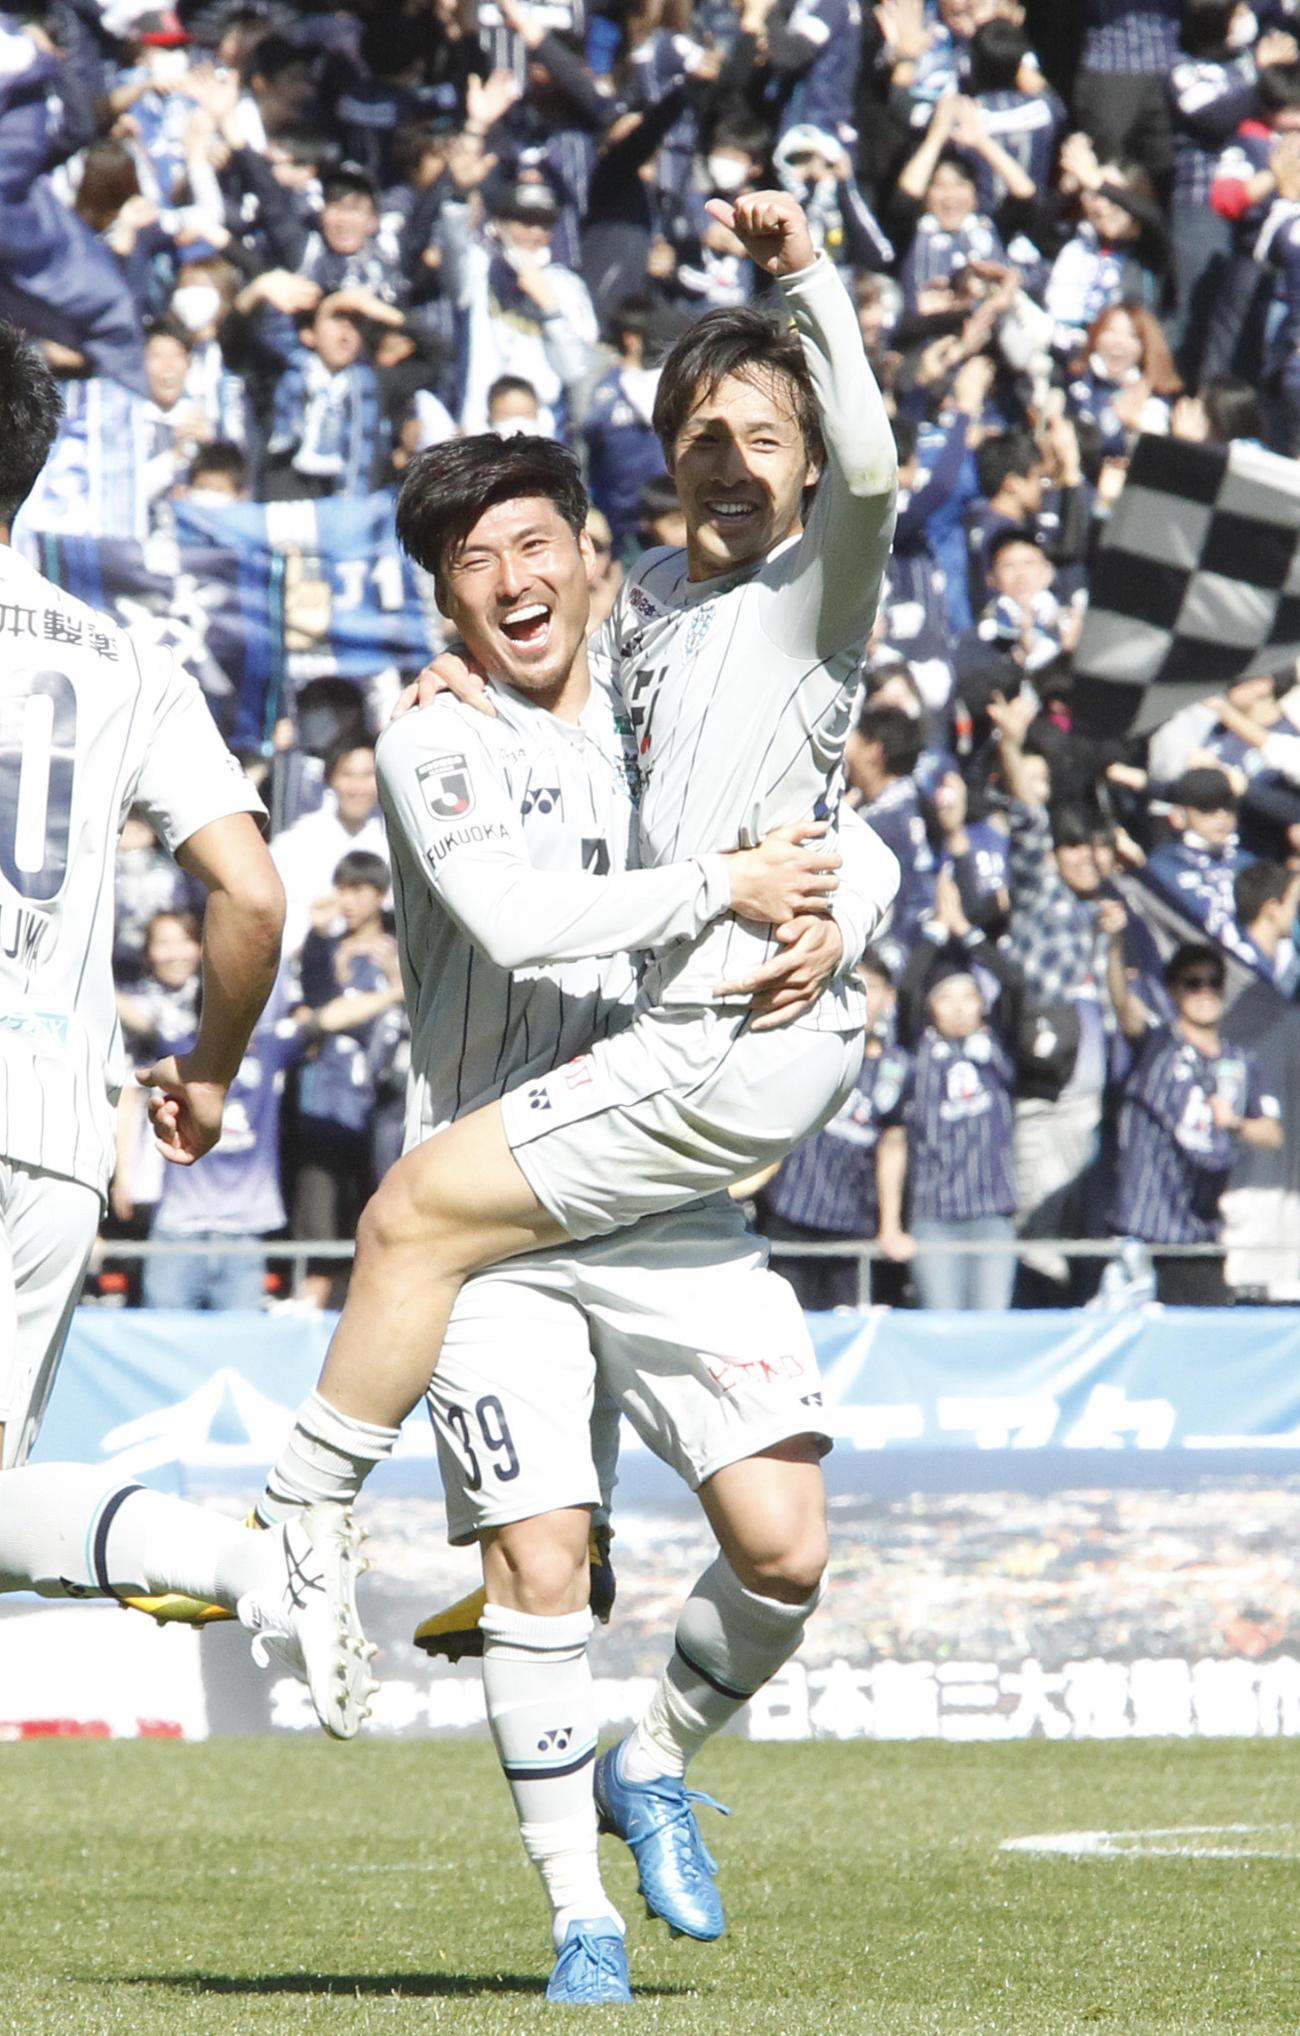 北九州対福岡 前半、先制ゴールを決め、DF篠原に抱きつき喜ぶ福岡FW遠野(撮影・菊川光一)